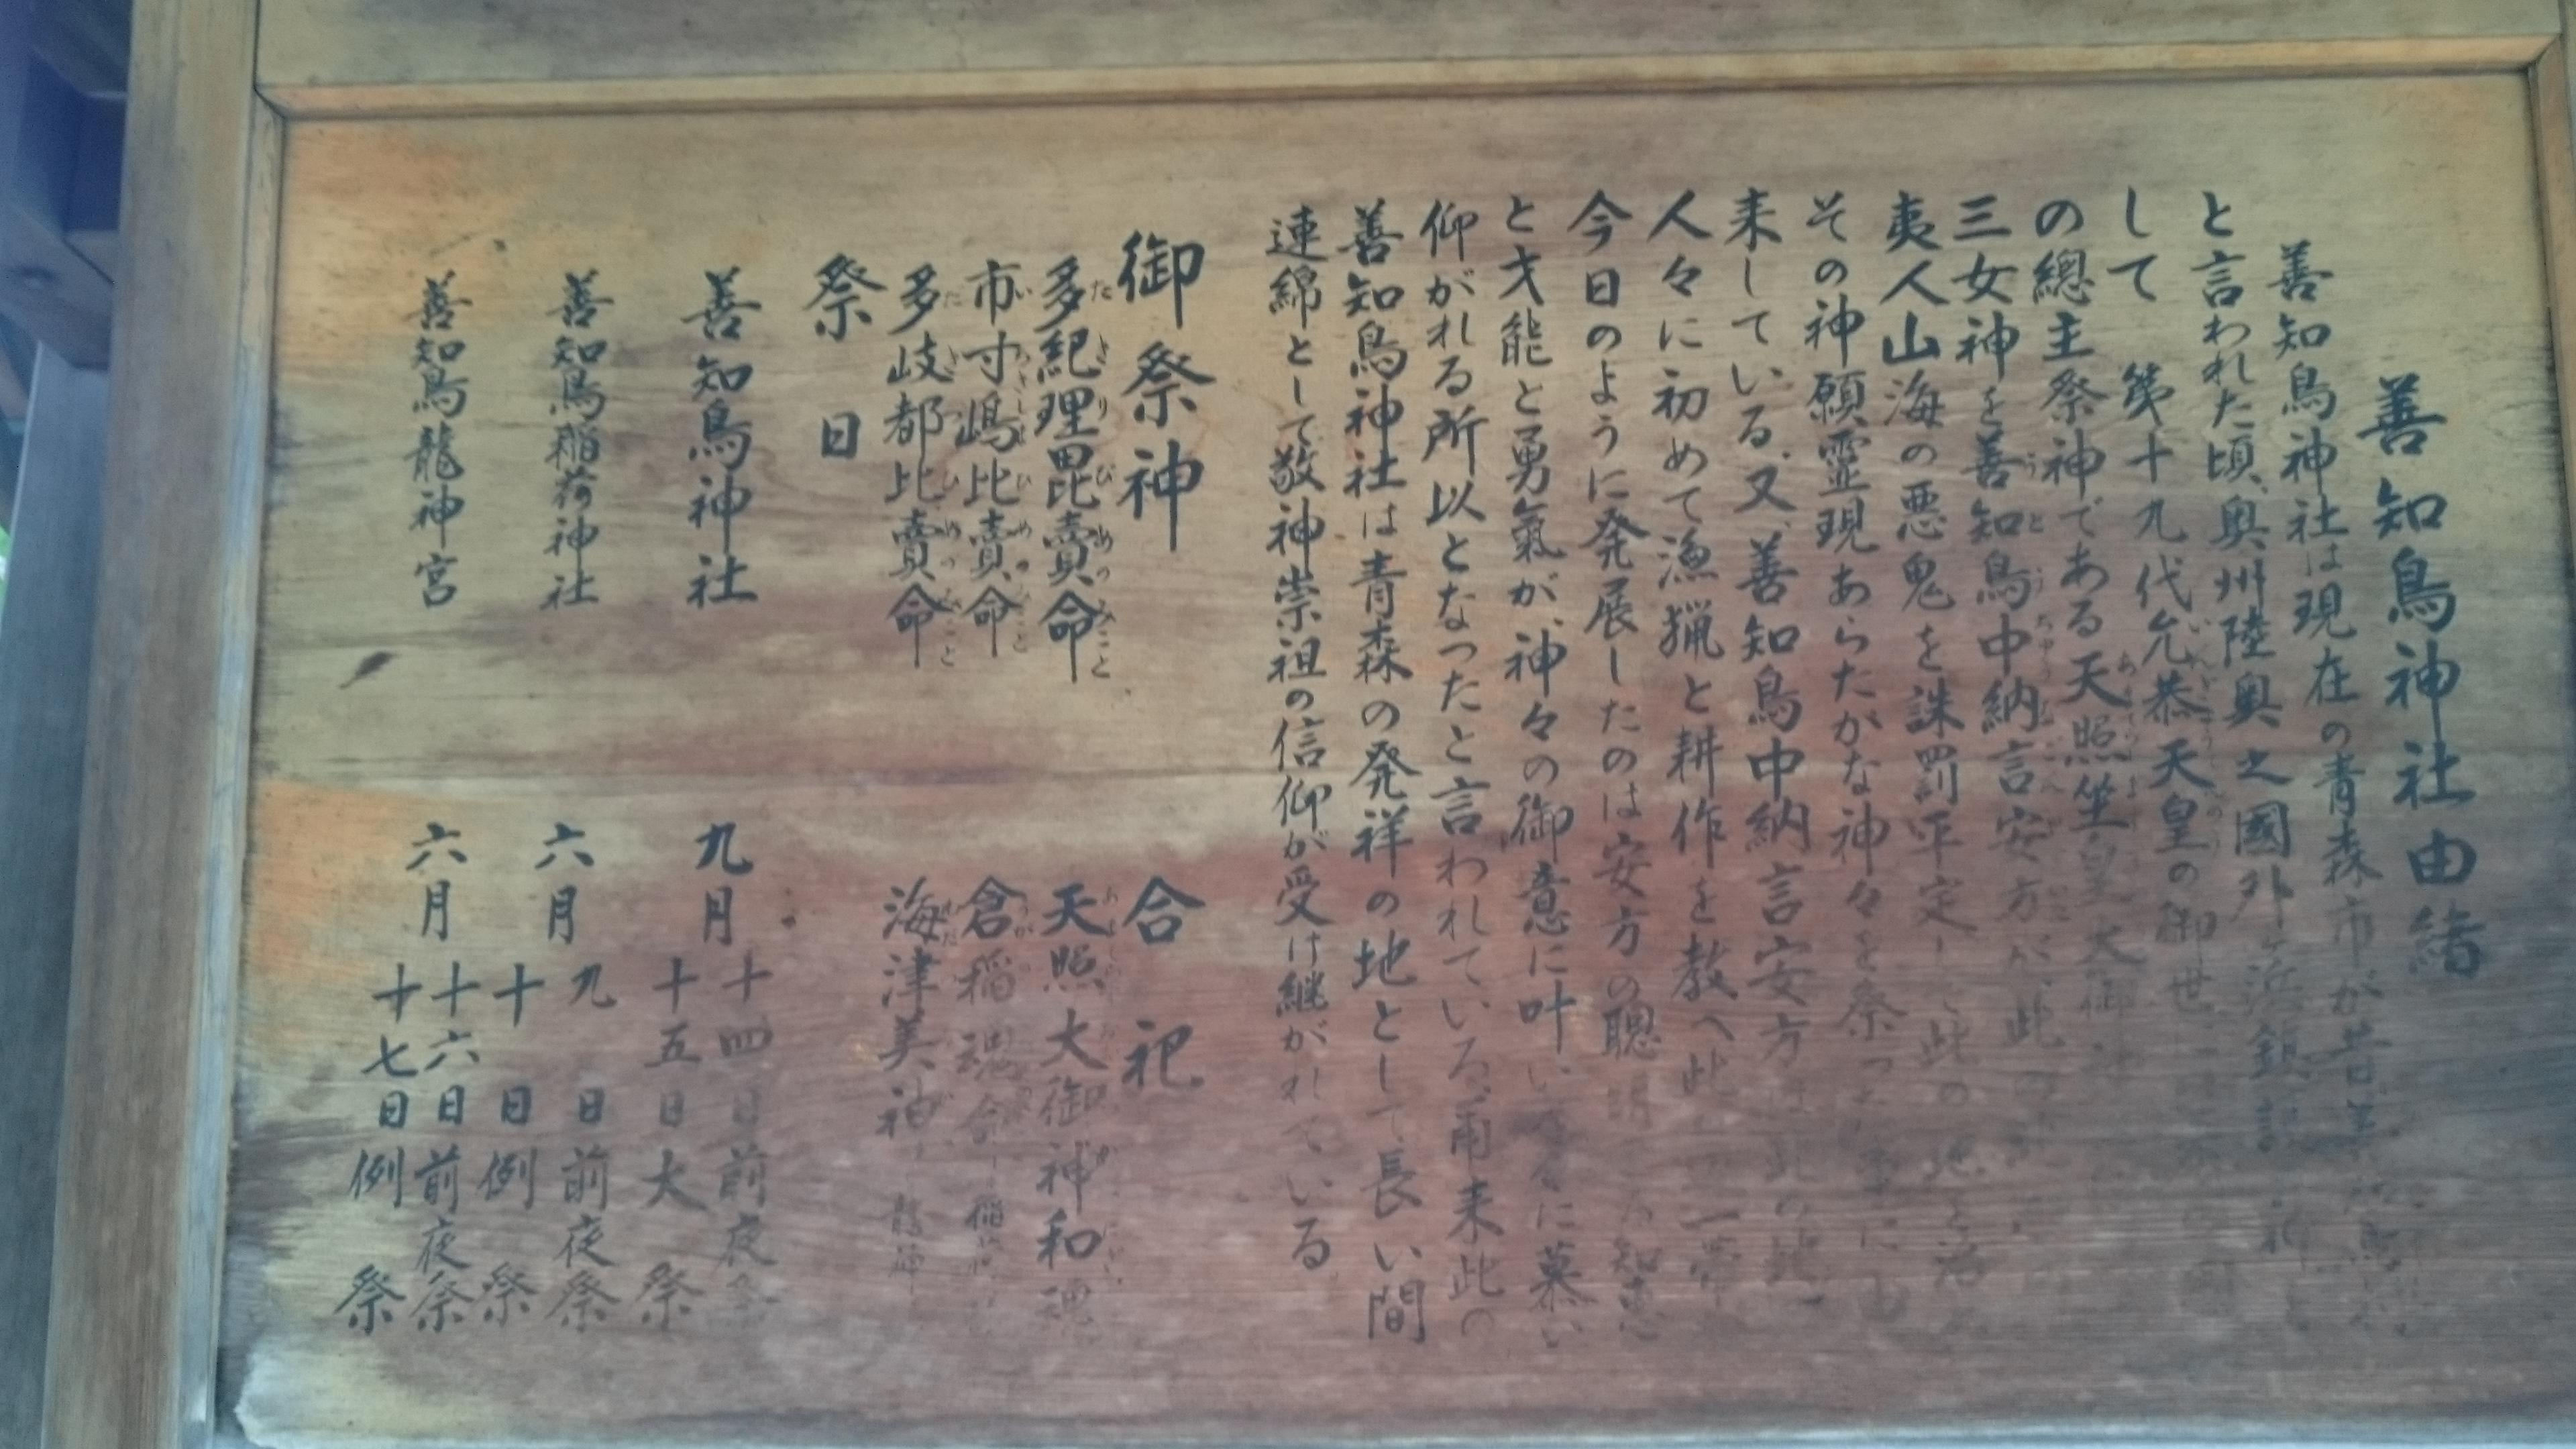 善知鳥神社の歴史